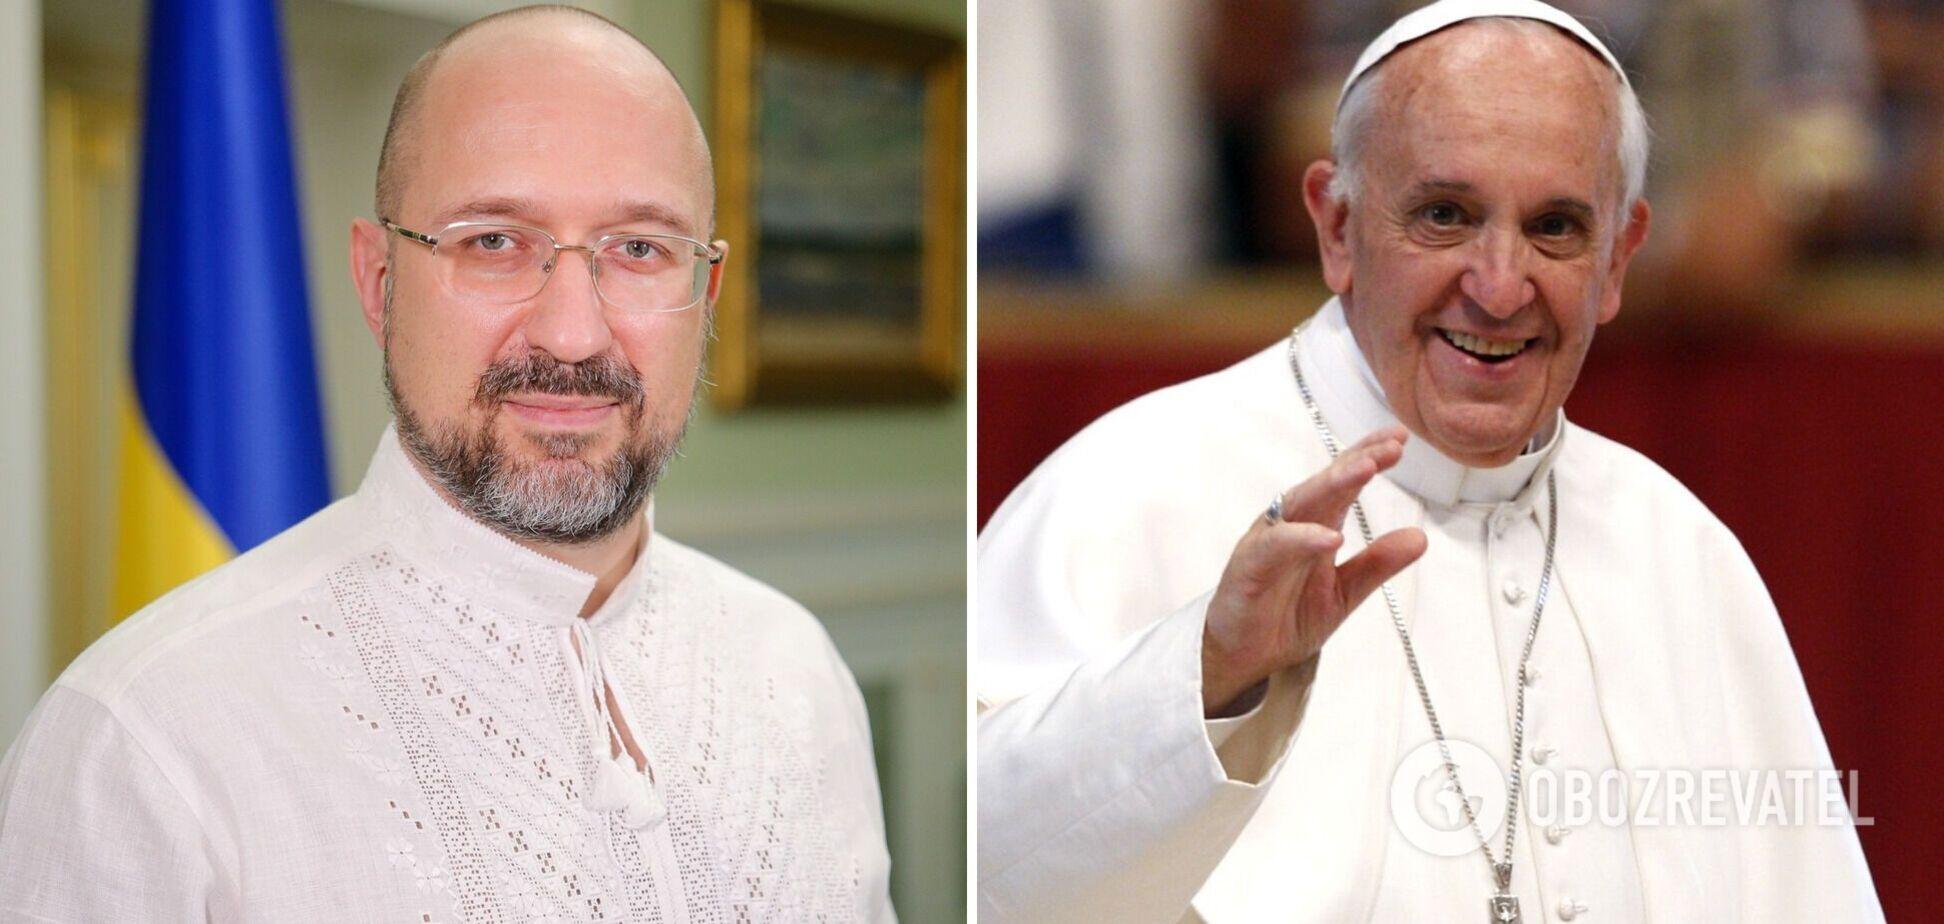 Шмигаль на зустрічі з папою Римським без маски: коли він встиг вакцинуватися?